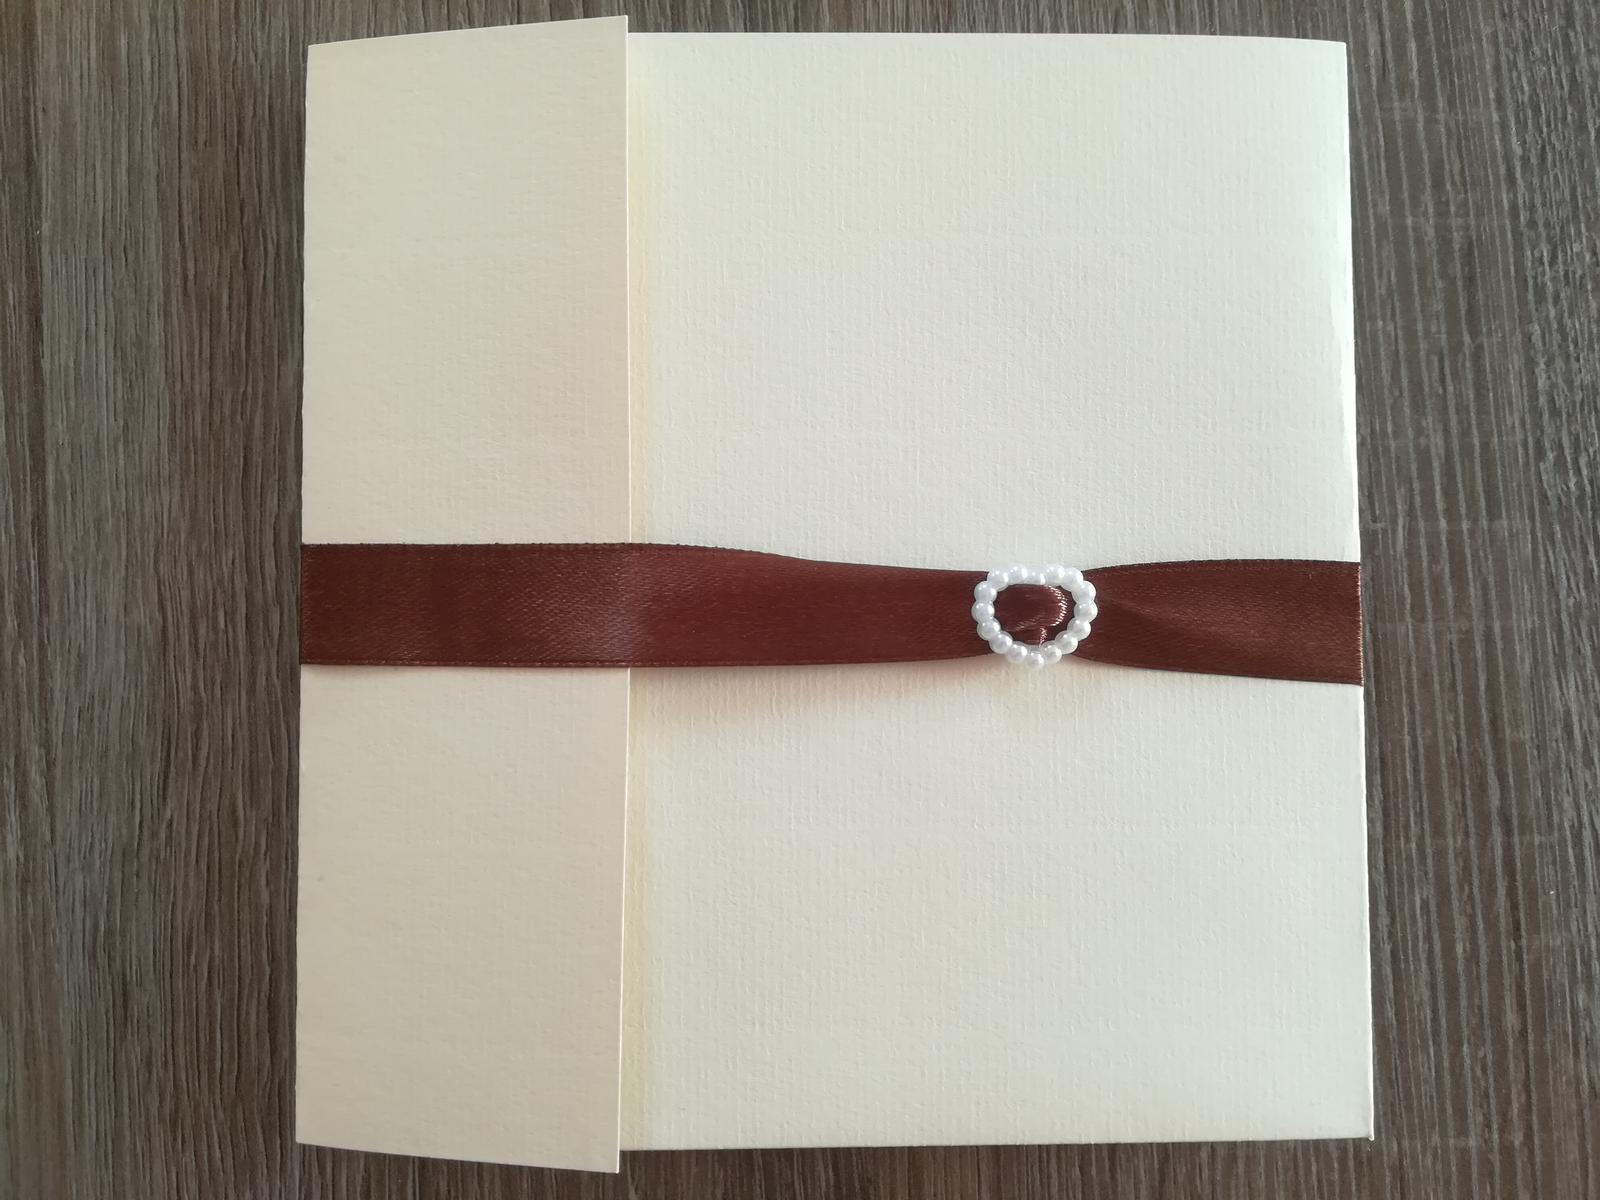 Biele perlové pracky - Obrázok č. 2